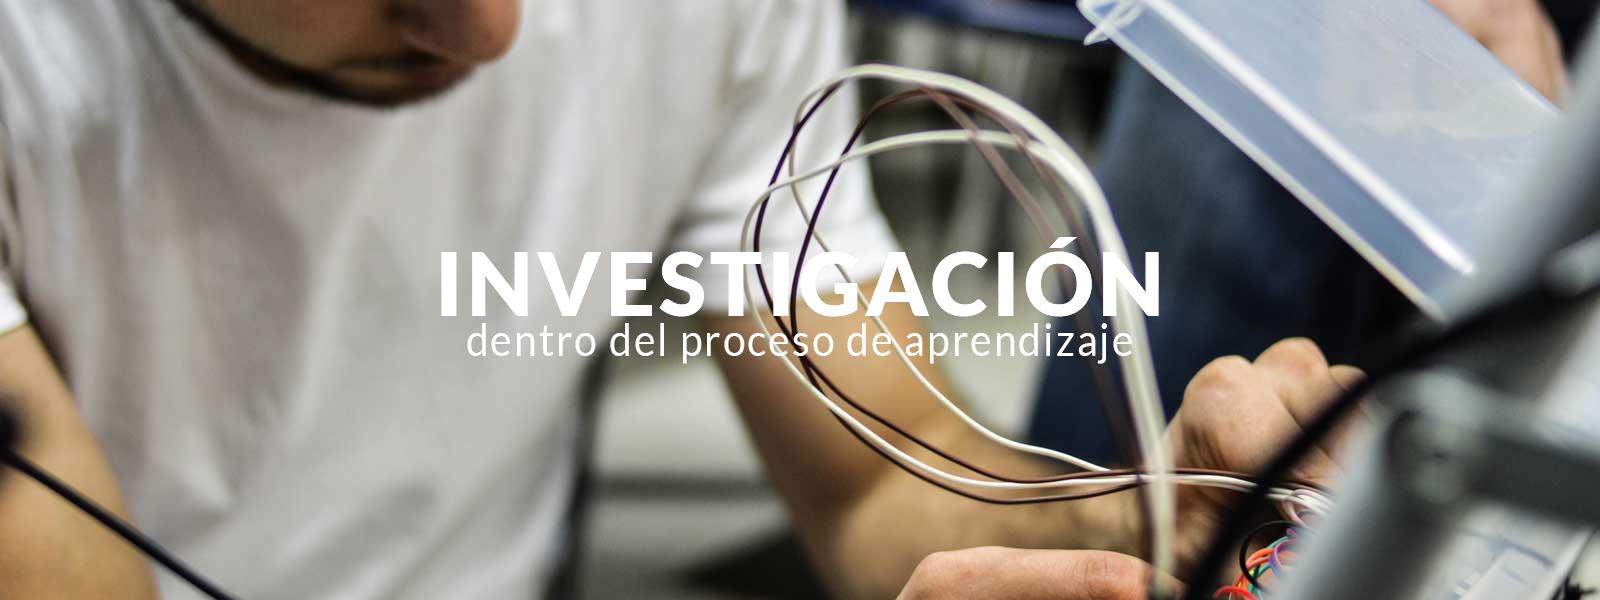 CIDI - Investigación dentro del proceso de aprendizaje